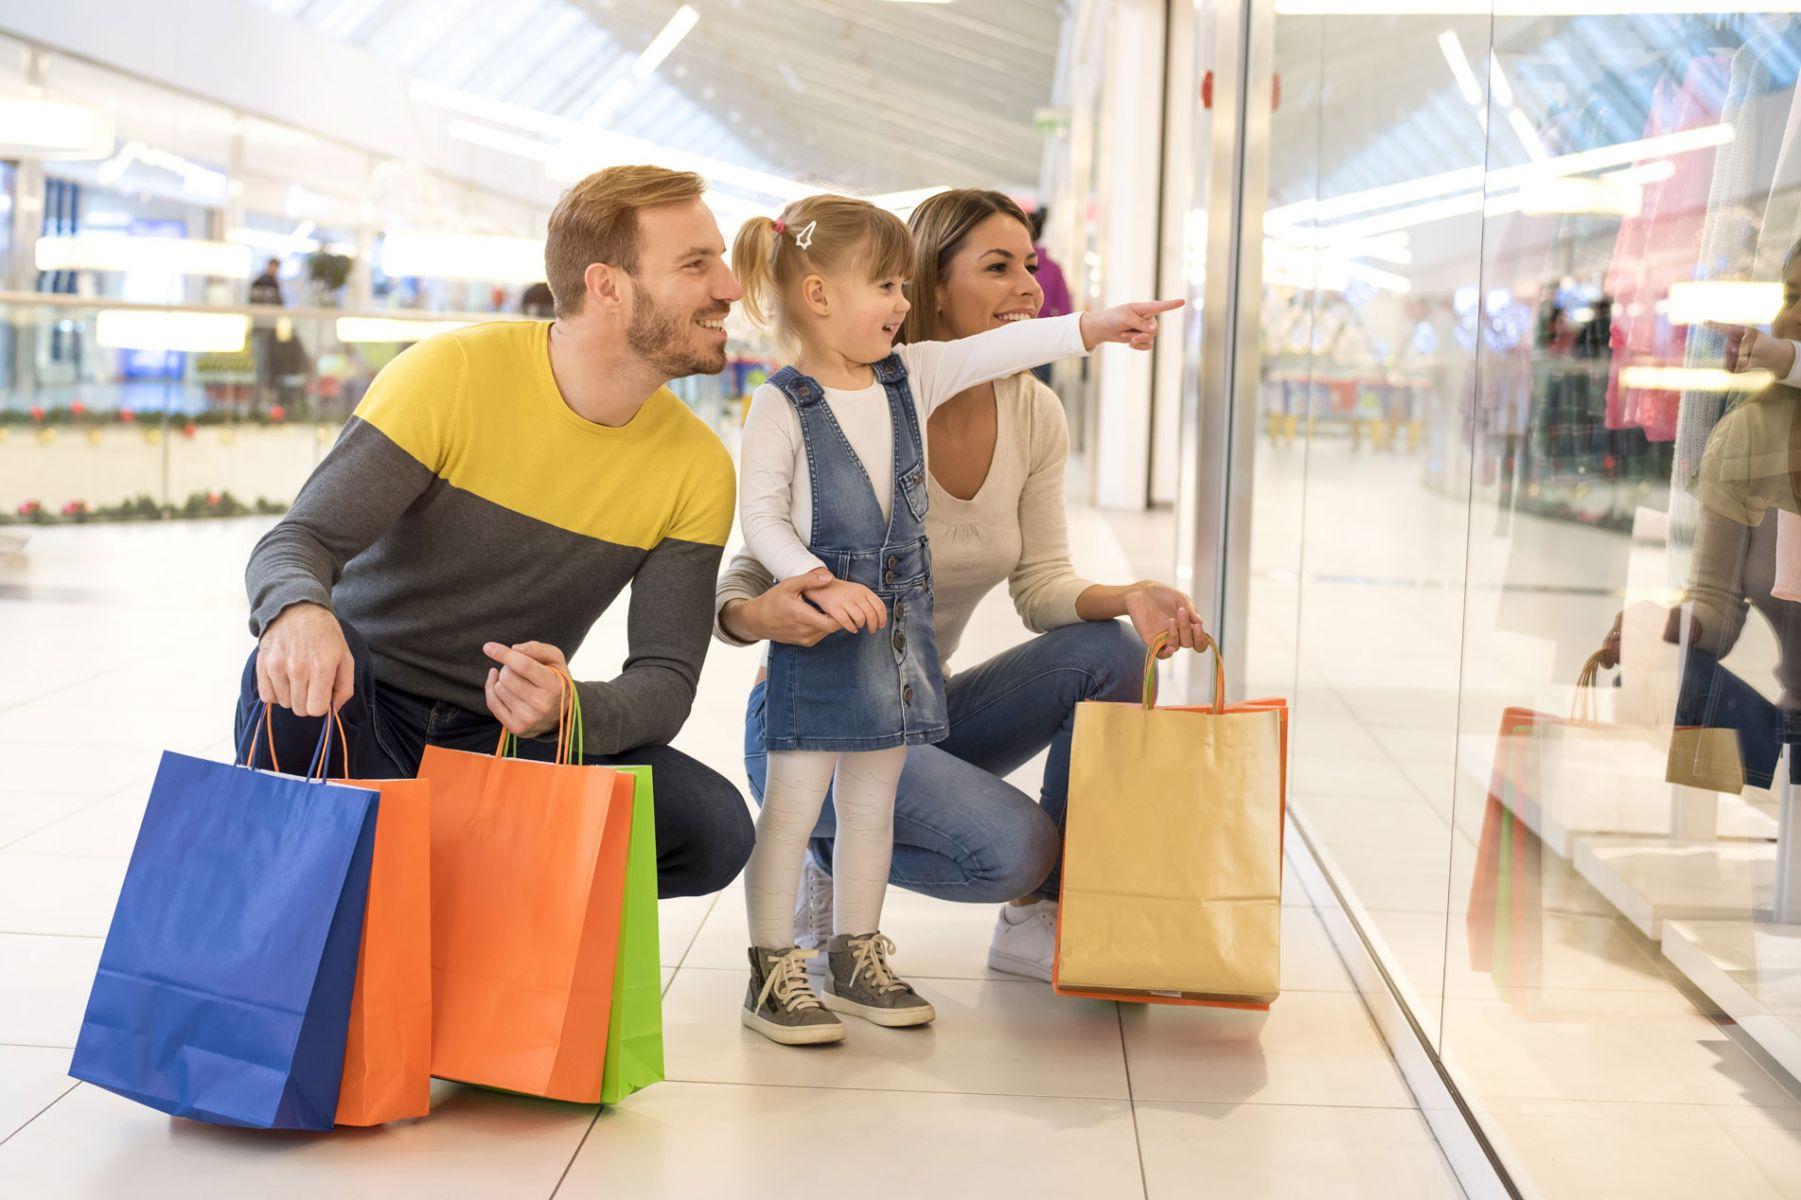 購物慾暴漲?先搞清楚是「需要」還是「想要」!